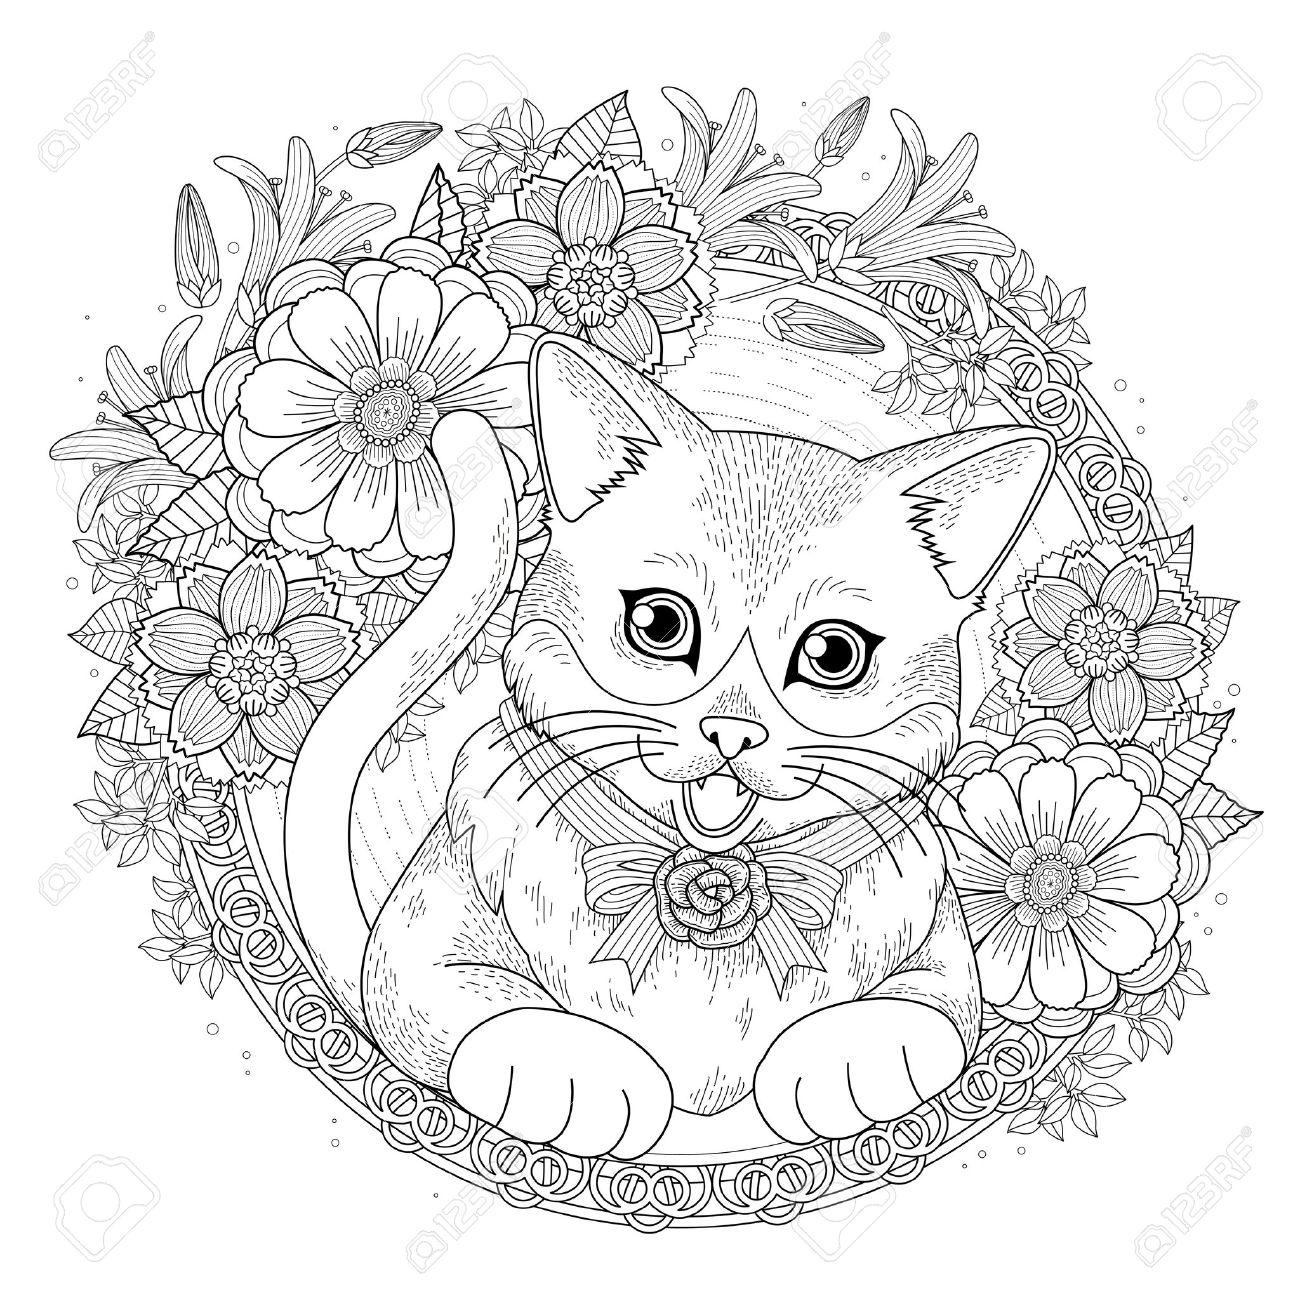 Coloriage Chat Avec Des Fleurs.Coloriage Chat En Ligne Des Milliers De Coloriage Imprimable